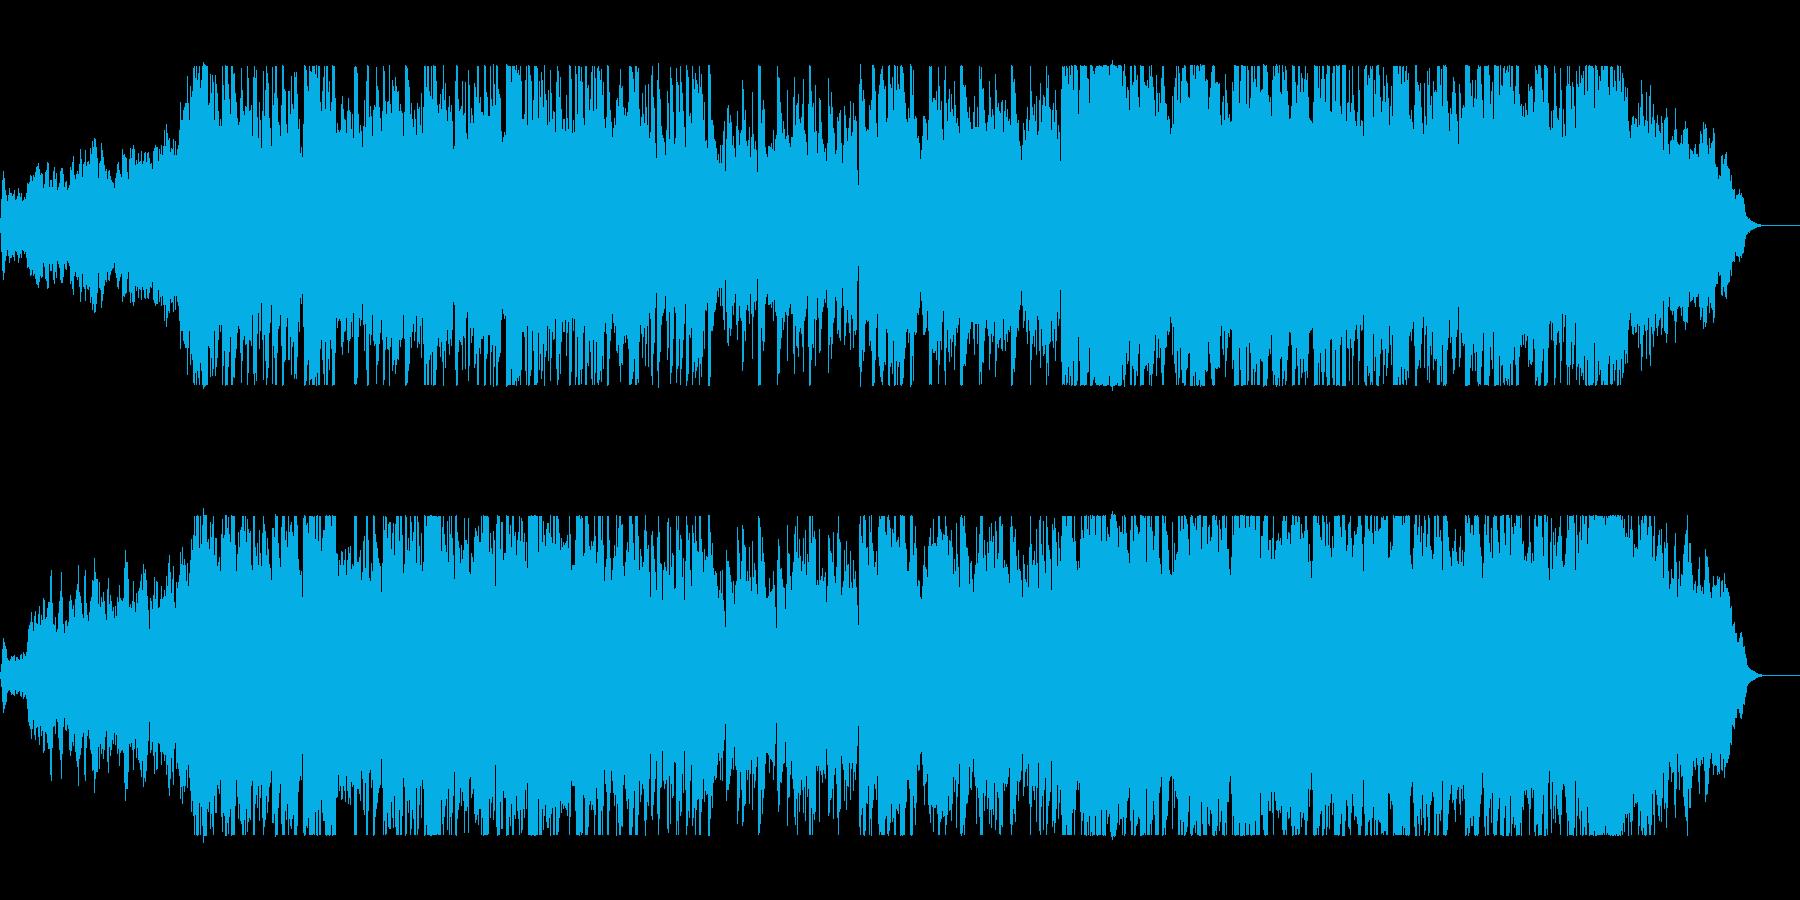 壮大で広がりのあるオーケストラの曲の再生済みの波形